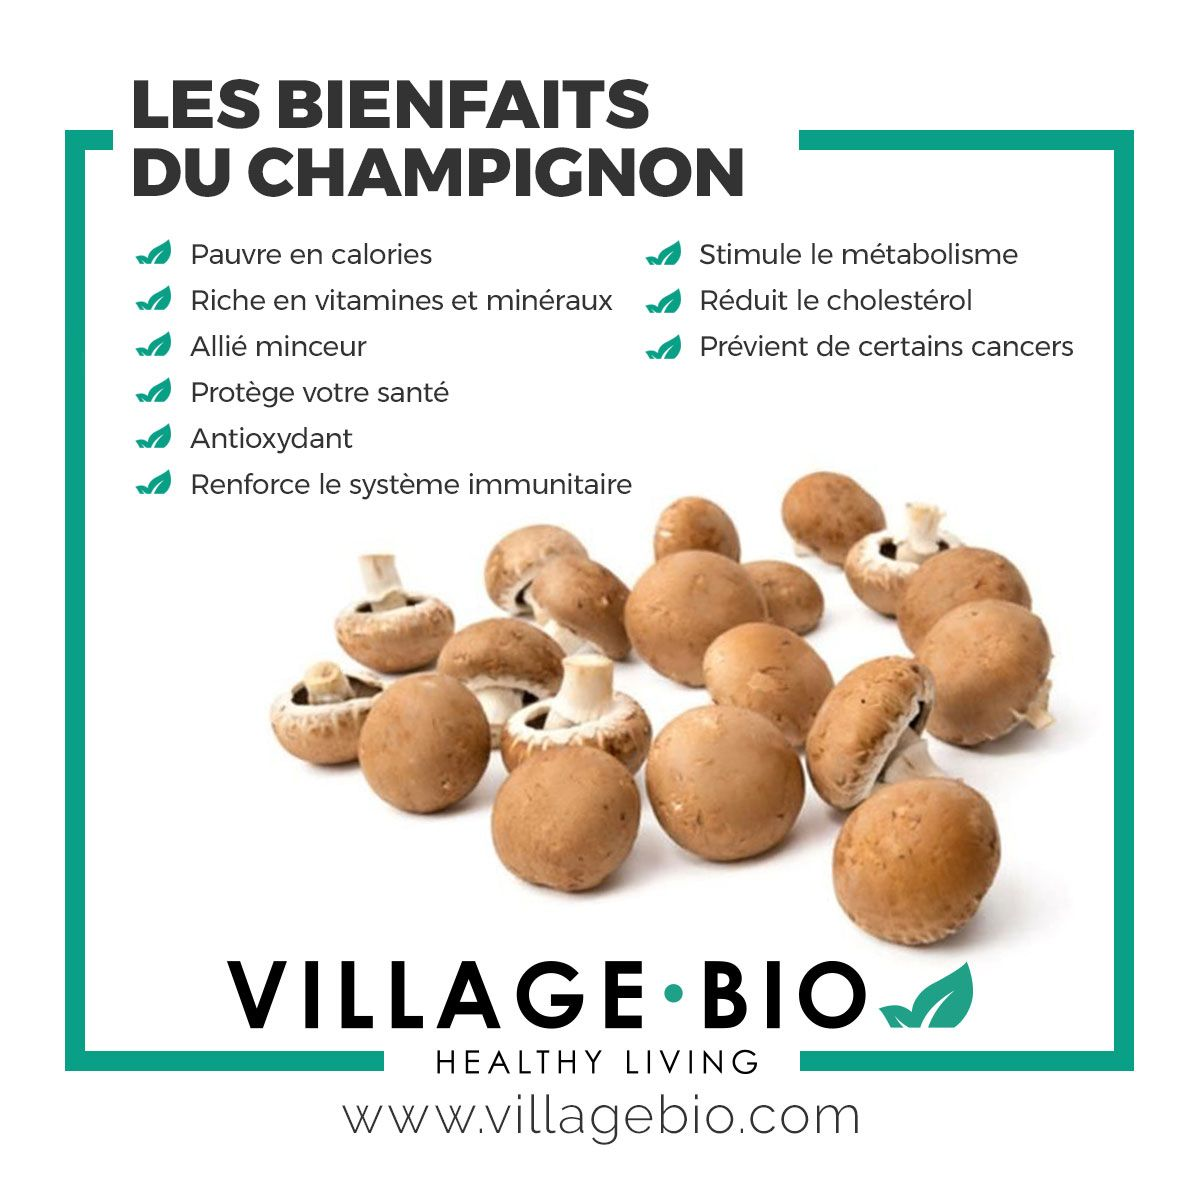 Mangue séchée Bio   Aliments bons pour la santé, Alimentation et santé, Conseils alimentaires